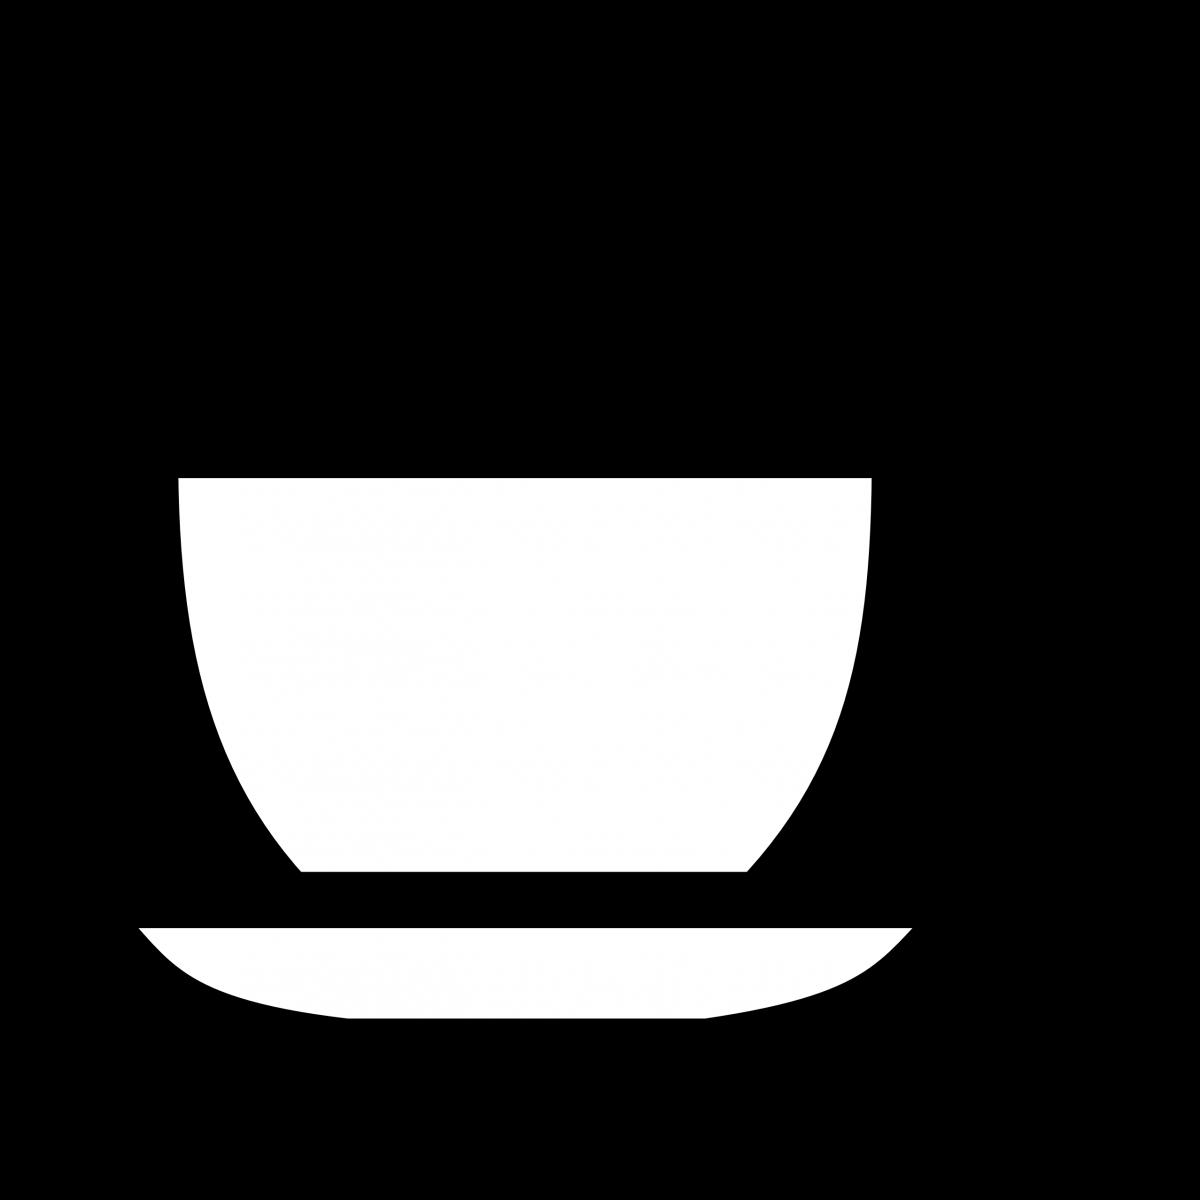 Contracts it future crimes. Coffee clipart refreshment